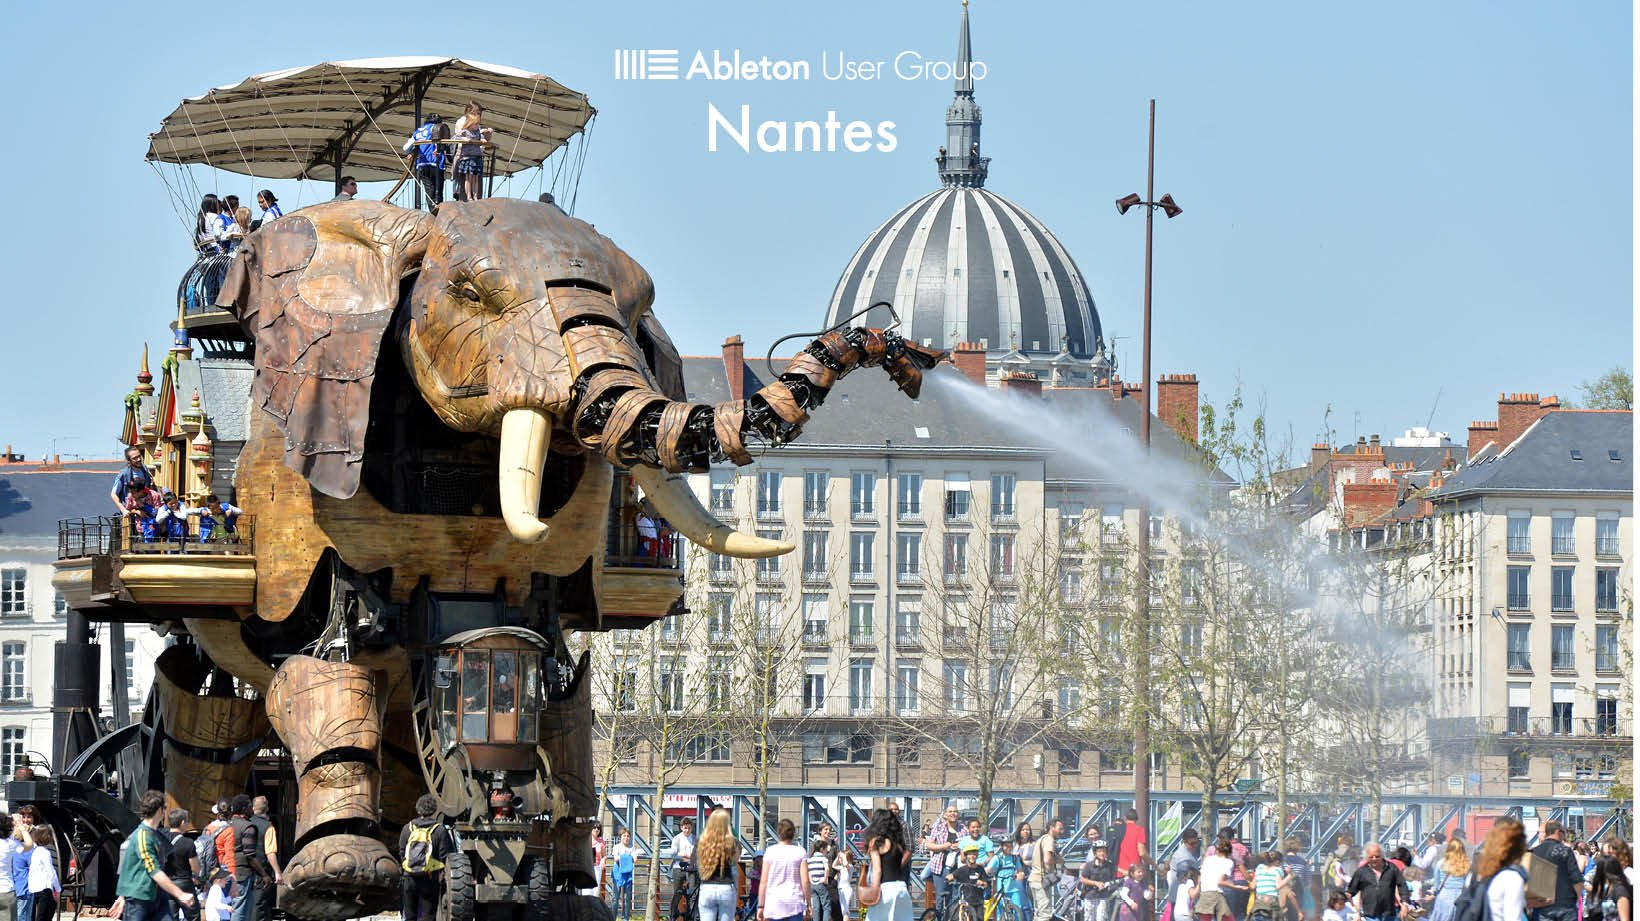 Nantes UG Banner.jpg